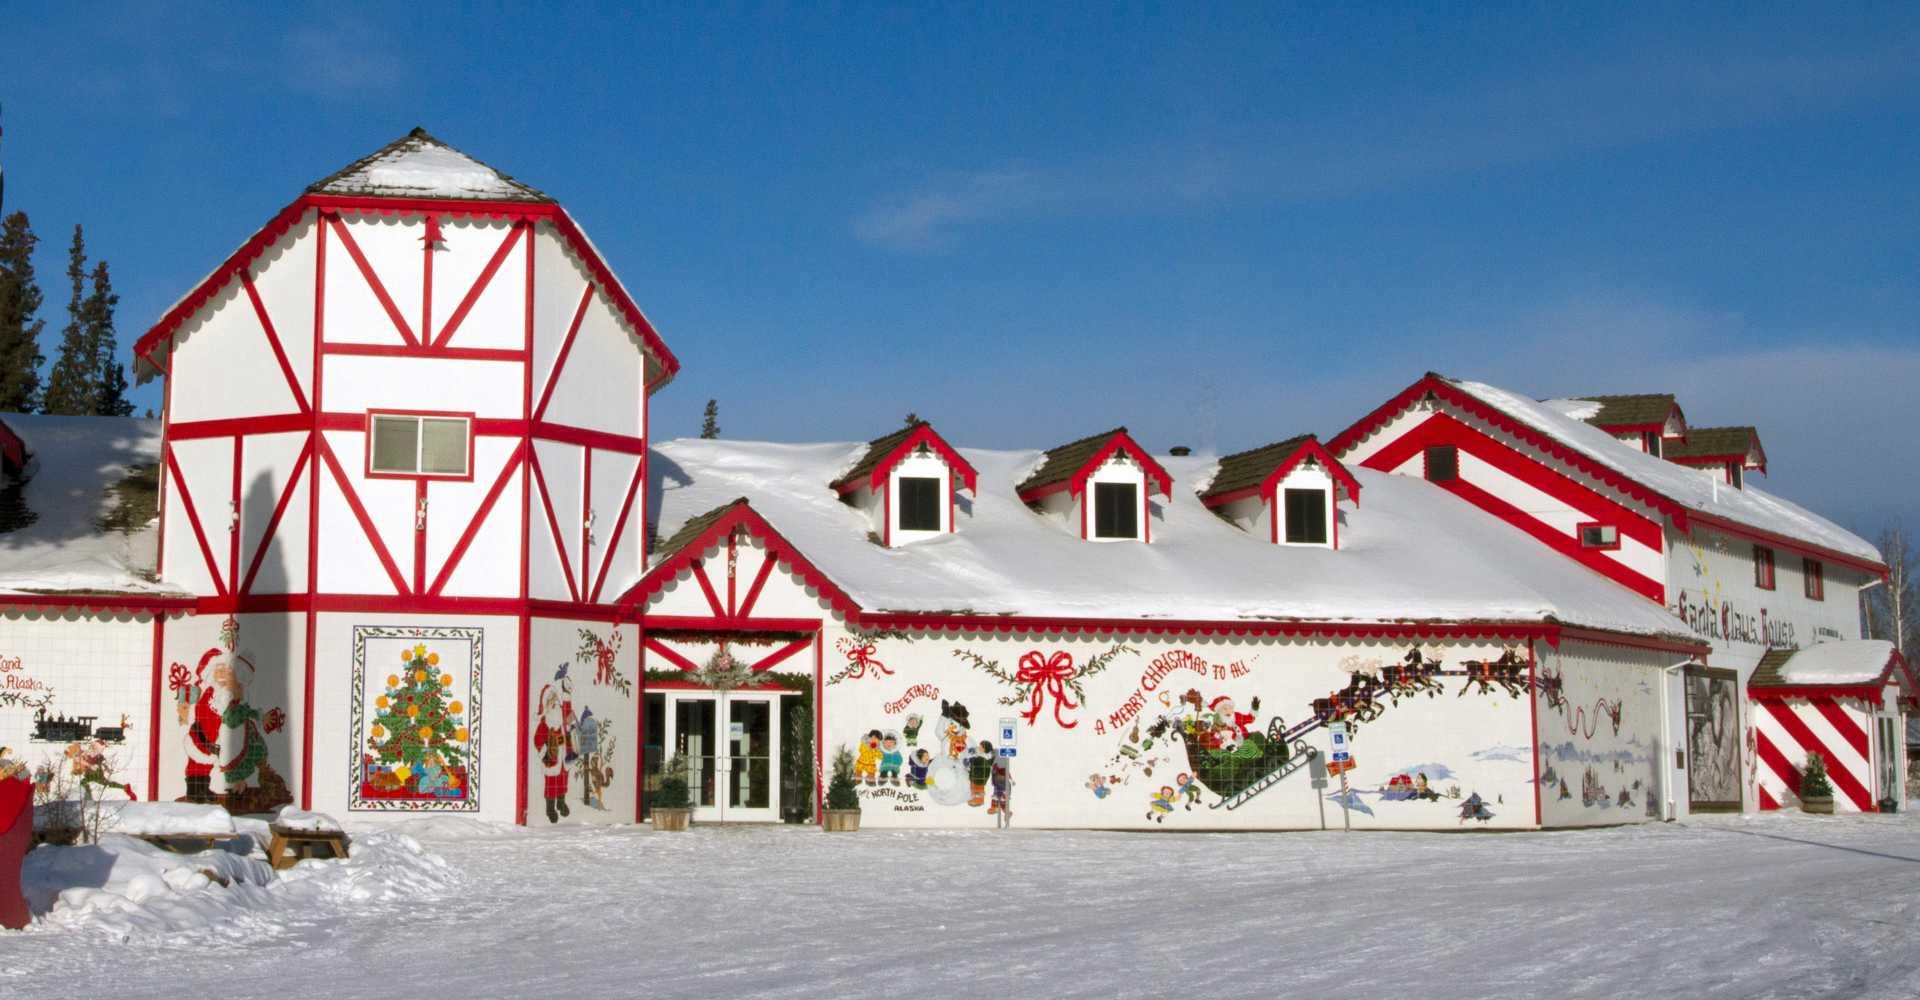 North Pole   Explore Fairbanks, Alaska